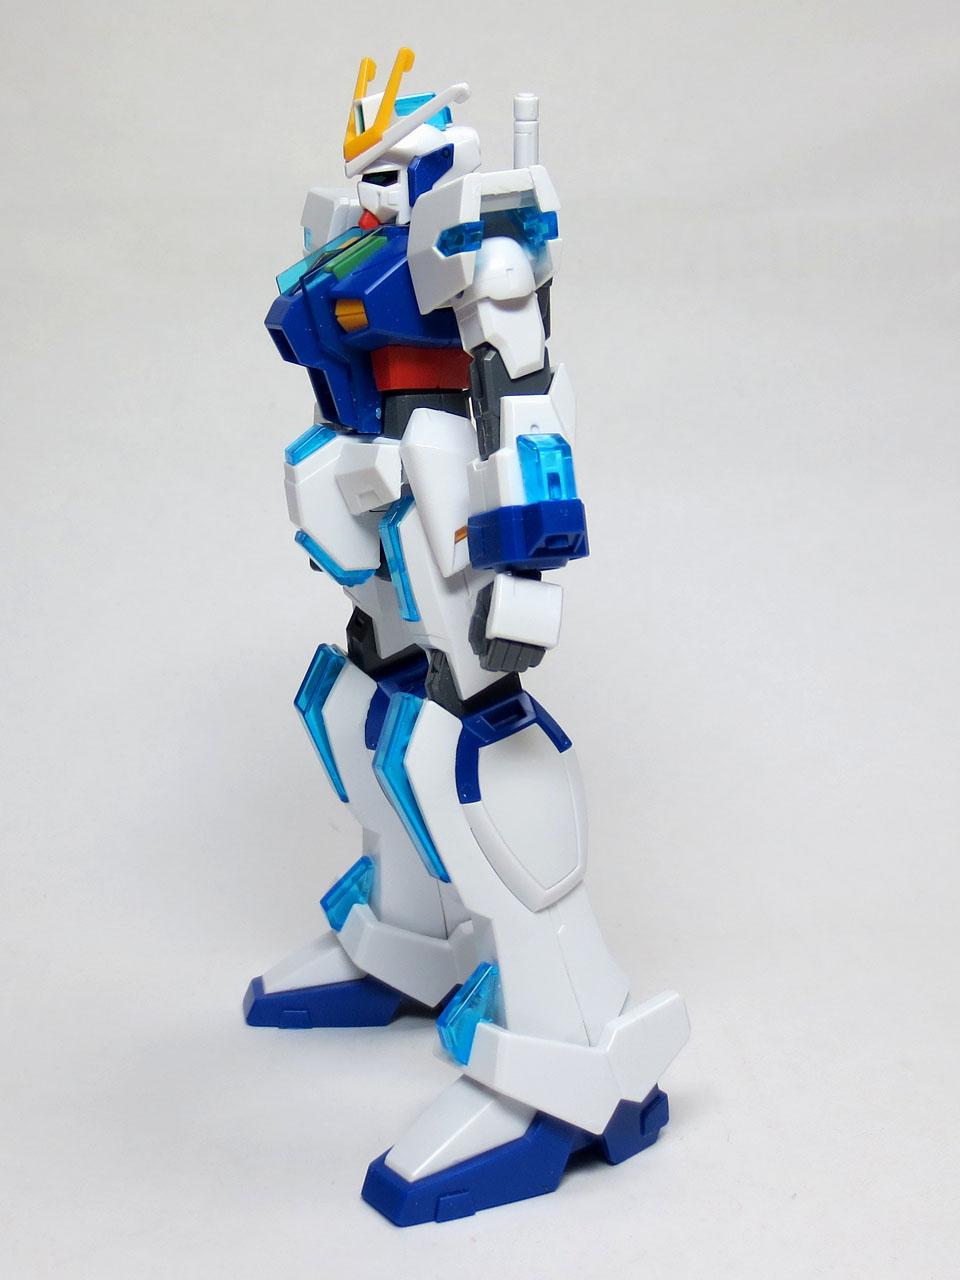 HG_Extreme_gundam_10.jpg